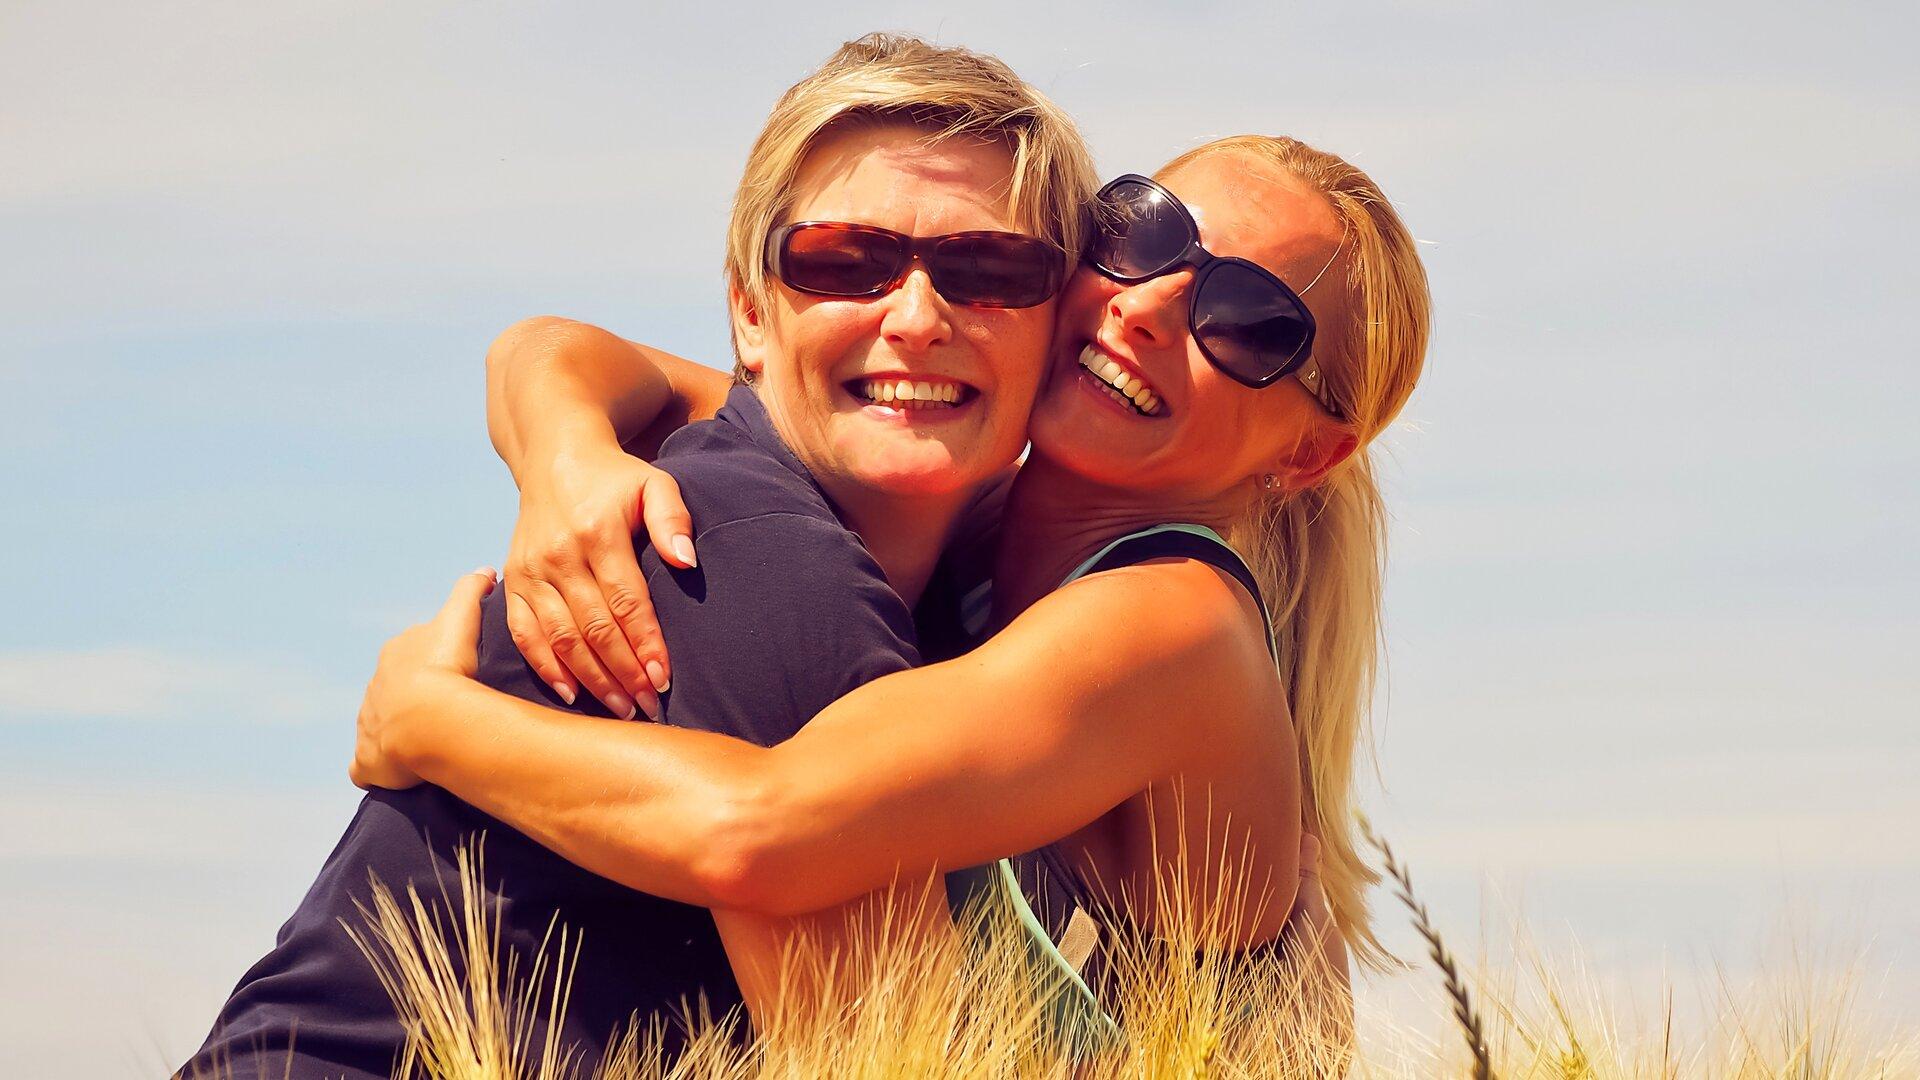 Ilustracja przedstawia dwie, uśmiechnięte kobiety ściskające się na łące. Obie mają włosy wkolorze blond ipodobne rysy twarzy. Kobieta znajdująca się po lewej stronie fotografii jest starsza. Prawdopodobnie to matka zcórką. Jest letni, słoneczny dzień. Wskazuje na to garderoba obu pań.